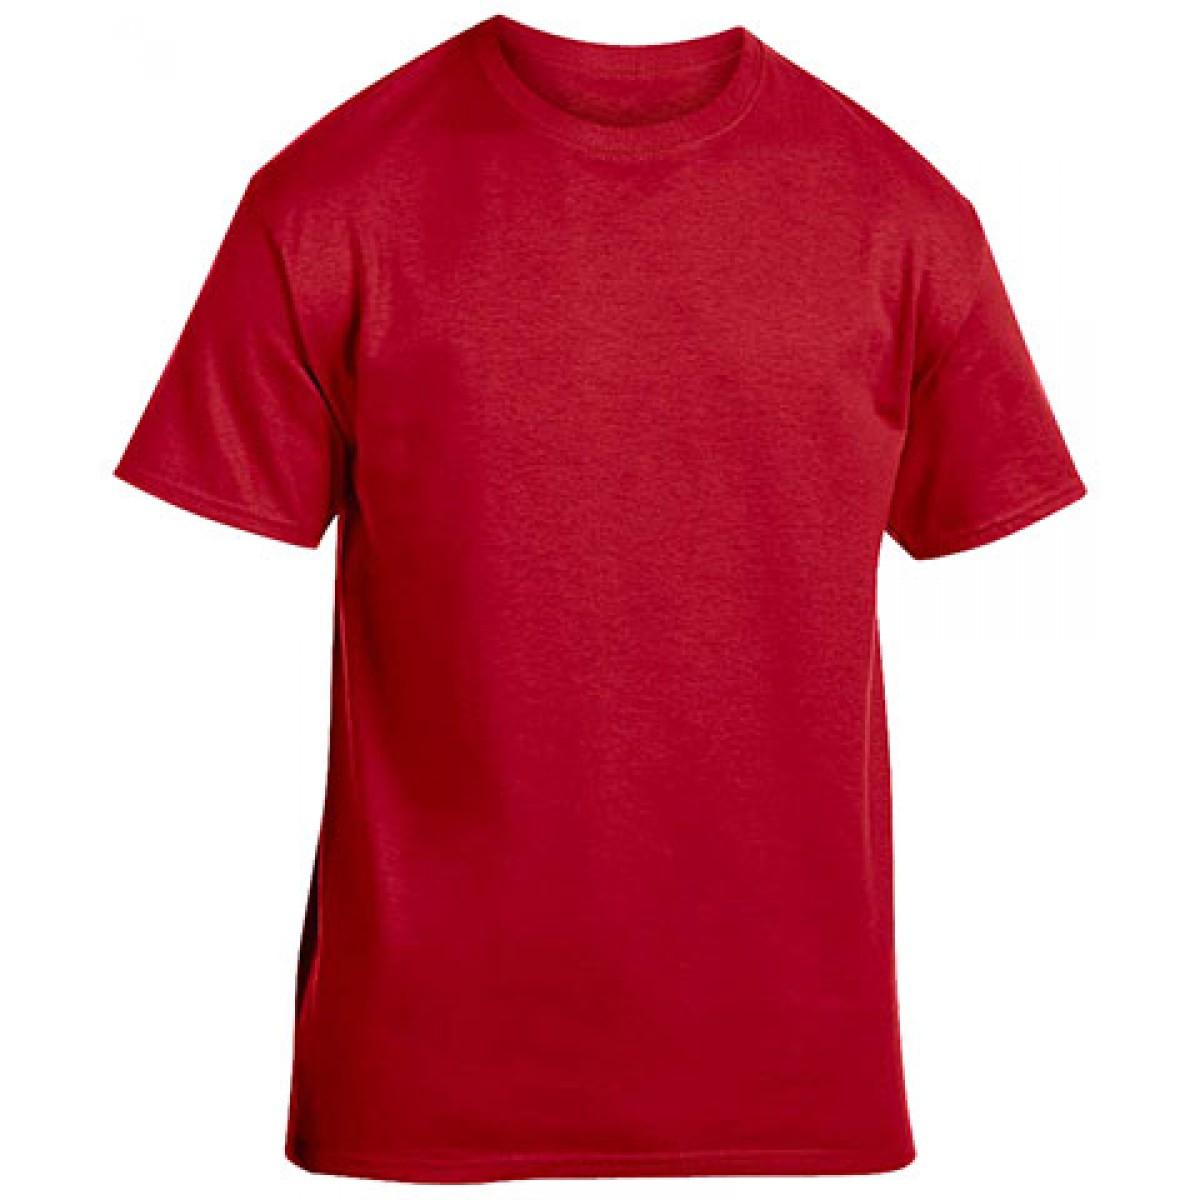 Cotton Short Sleeve T-Shirt-Cardinal Red-2XL